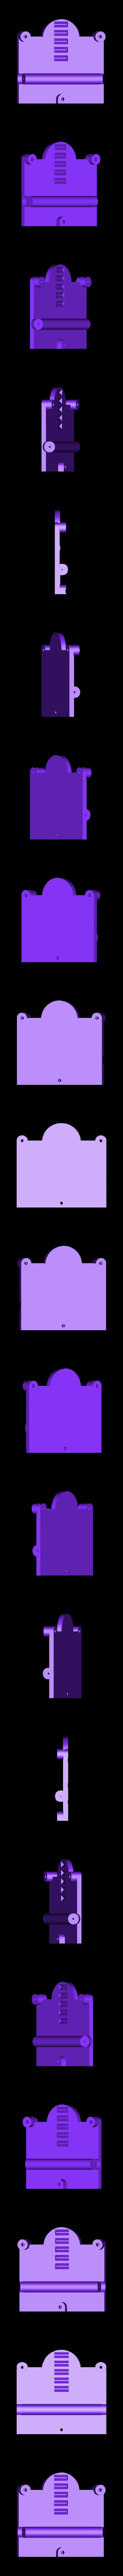 Smartphone_Desktop_Stand_adjustable_angle_-_Base_-_By_CreativeTools.se.stl Download free STL file Smartphone Desktop Stand (adjustable angle) • 3D printer object, CreativeTools